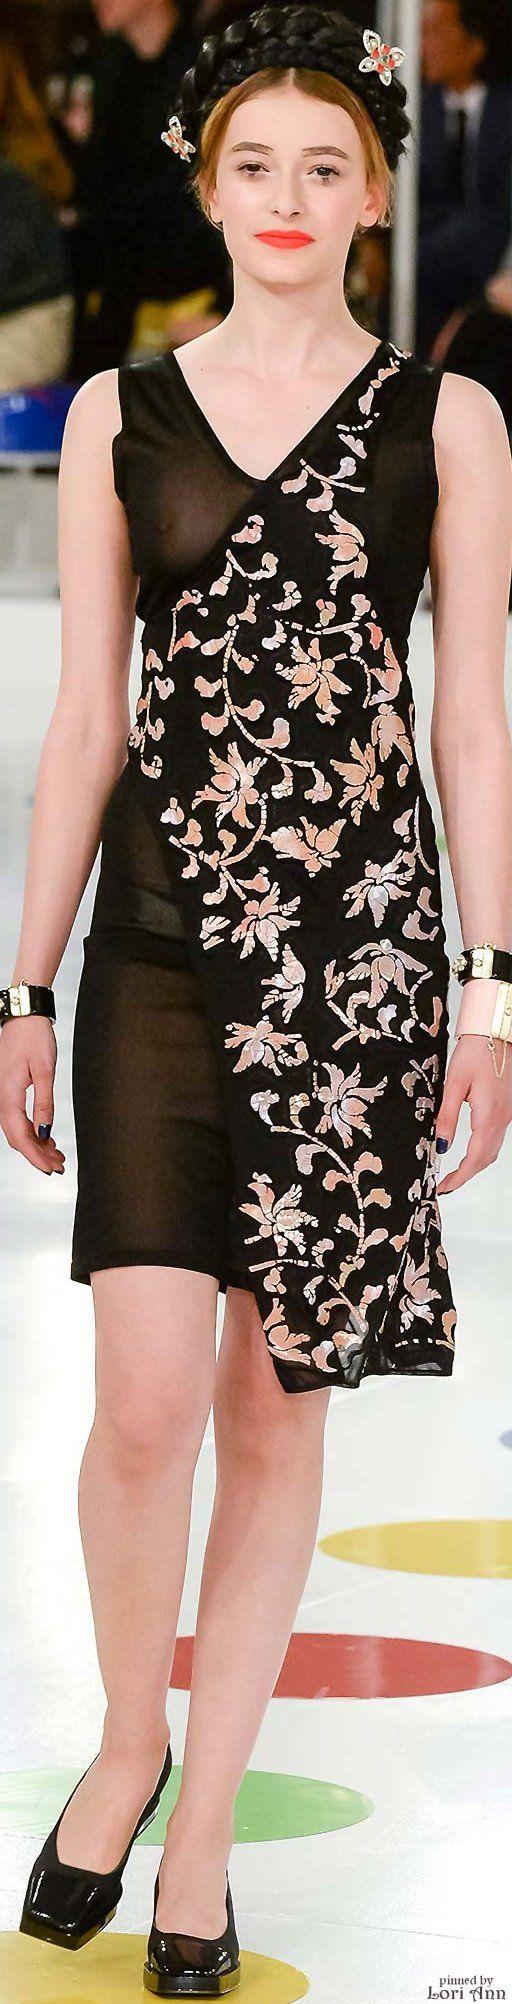 Chanel ~ Resort Asymmetric Black Floral Wrap Dress, 2016